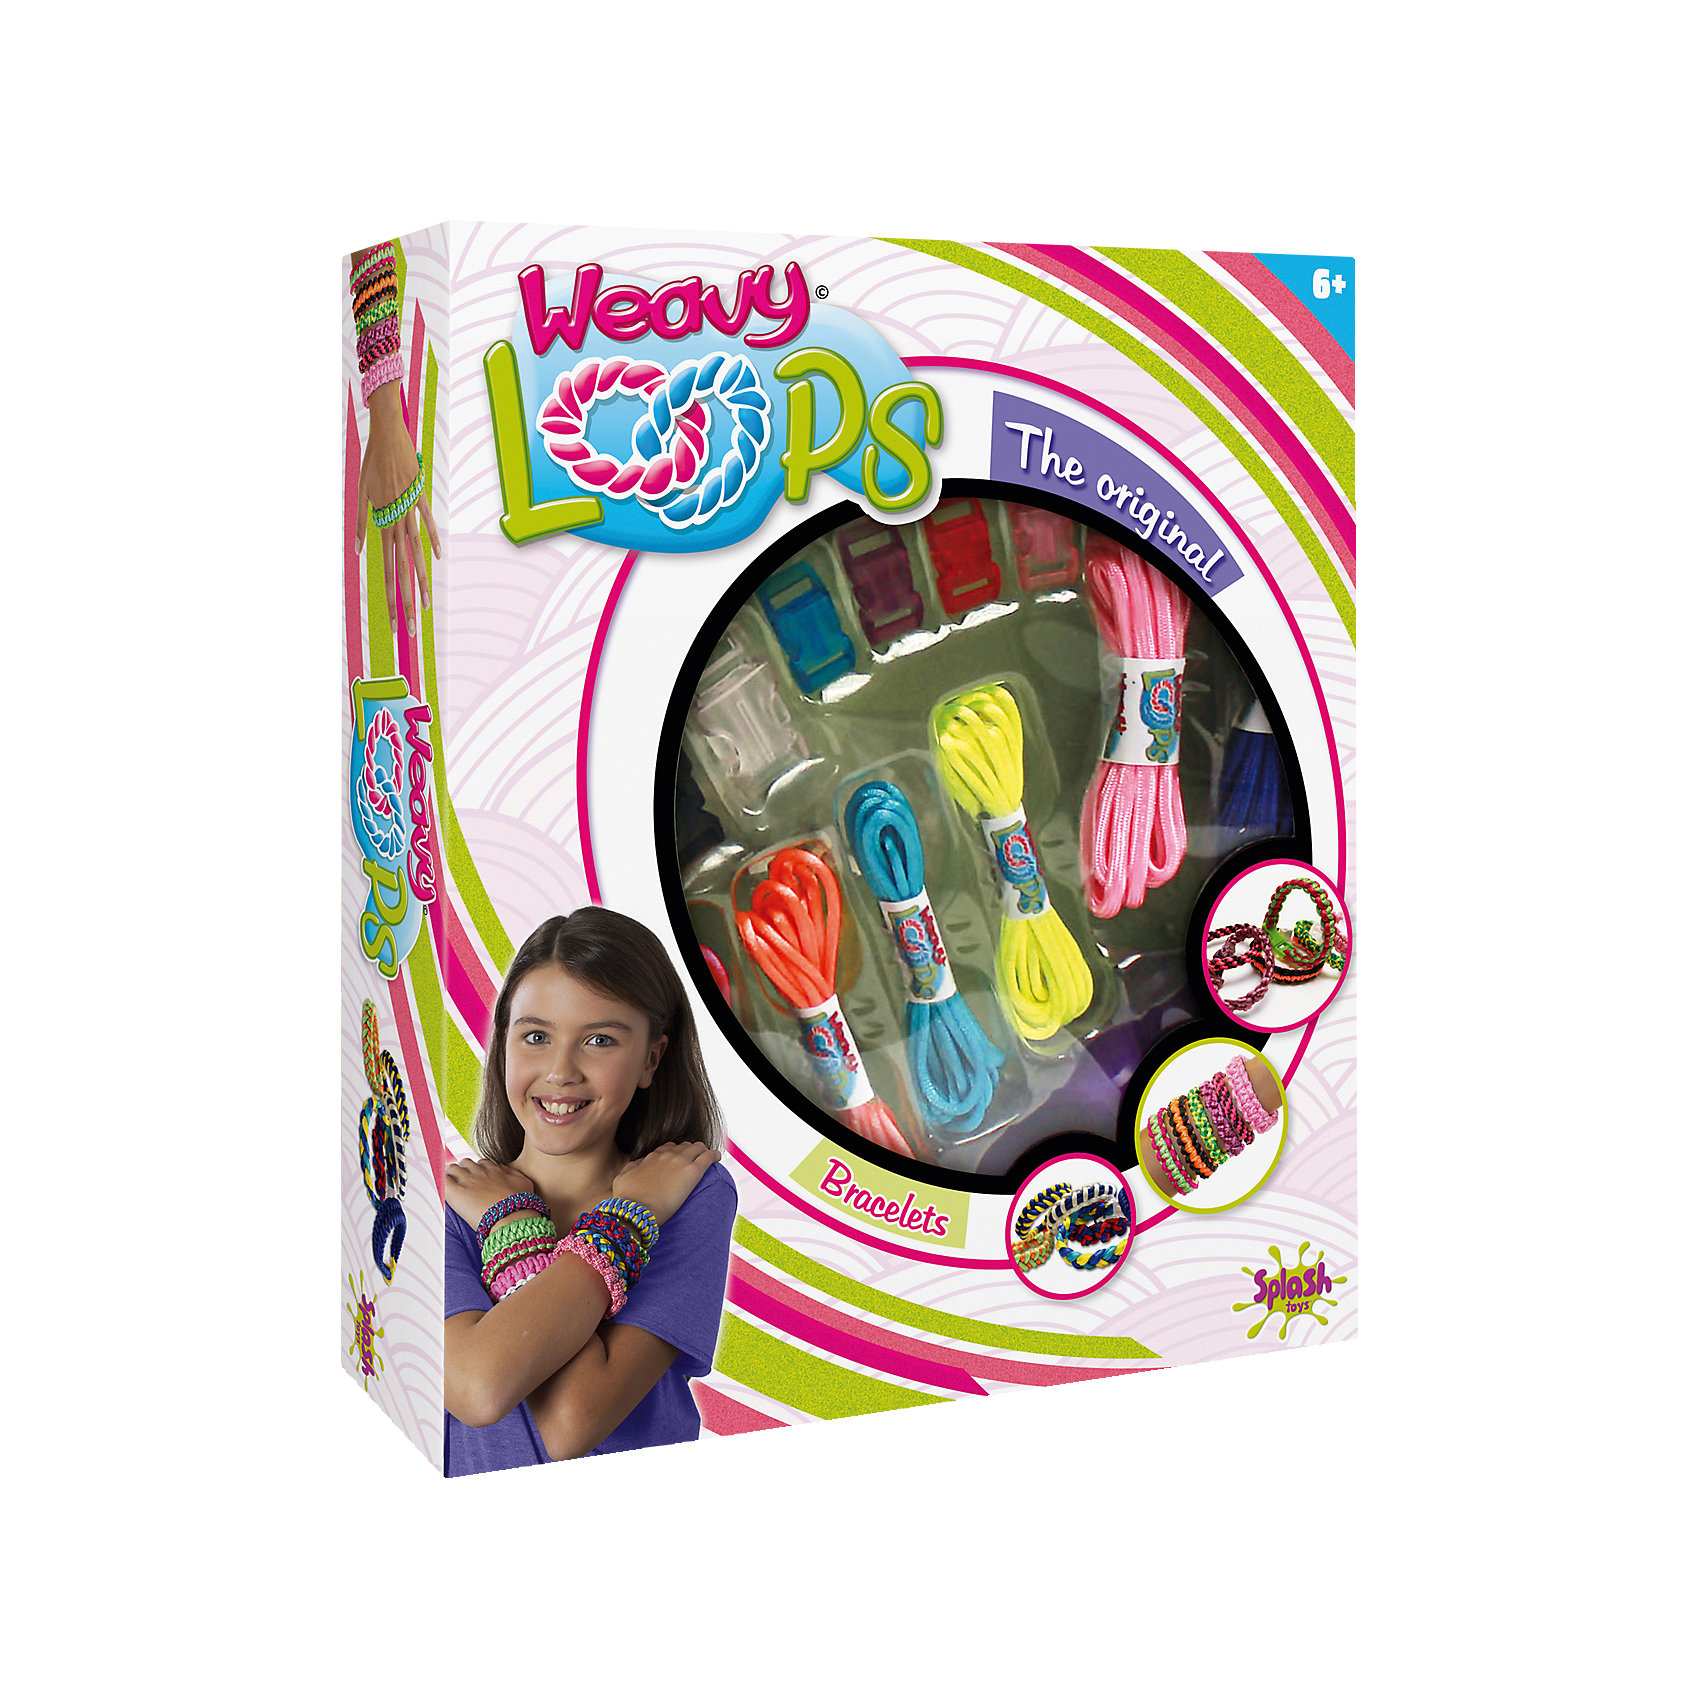 Набор для плетения браслетов, Weavy LoopsНаборы для создания украшений<br>Набор для плетения браслетов, Weavy Loops - увлекательный набор для творчества, который позволит юной рукодельнице создавать стильные модные украшения для себя и своих друзей. В комплекте Вы найдете все необходимые для изготовления ярких и оригинальных браслетов:<br>цветные шнурки разных цветов, застежки и инструмент для плетения браслетов. Несложная, доступная даже новичкам техника плетения позволят Вам быстро освоить новый вид творчества и порадоваться первым успехам. Комплект оформлен в яркую подарочную коробочку.<br>Развивает творческие и художественные способности, фантазию, усидчивость, мелкую моторику.<br><br> Дополнительная информация:<br><br>- В комплекте: 6 шнуров разных цветов, 6 застежек, 1 инструмент для плетения браслетов.<br>- Материал: пластик, текстиль.<br>- Размер упаковки: 25,9 x 21,9 x 5,1 см. <br>- Вес: 0,22 кг.<br><br>Набор для плетения браслетов, Weavy Loops, можно купить в нашем интернет-магазине.<br><br>Ширина мм: 266<br>Глубина мм: 220<br>Высота мм: 53<br>Вес г: 218<br>Возраст от месяцев: 72<br>Возраст до месяцев: 144<br>Пол: Женский<br>Возраст: Детский<br>SKU: 4050214